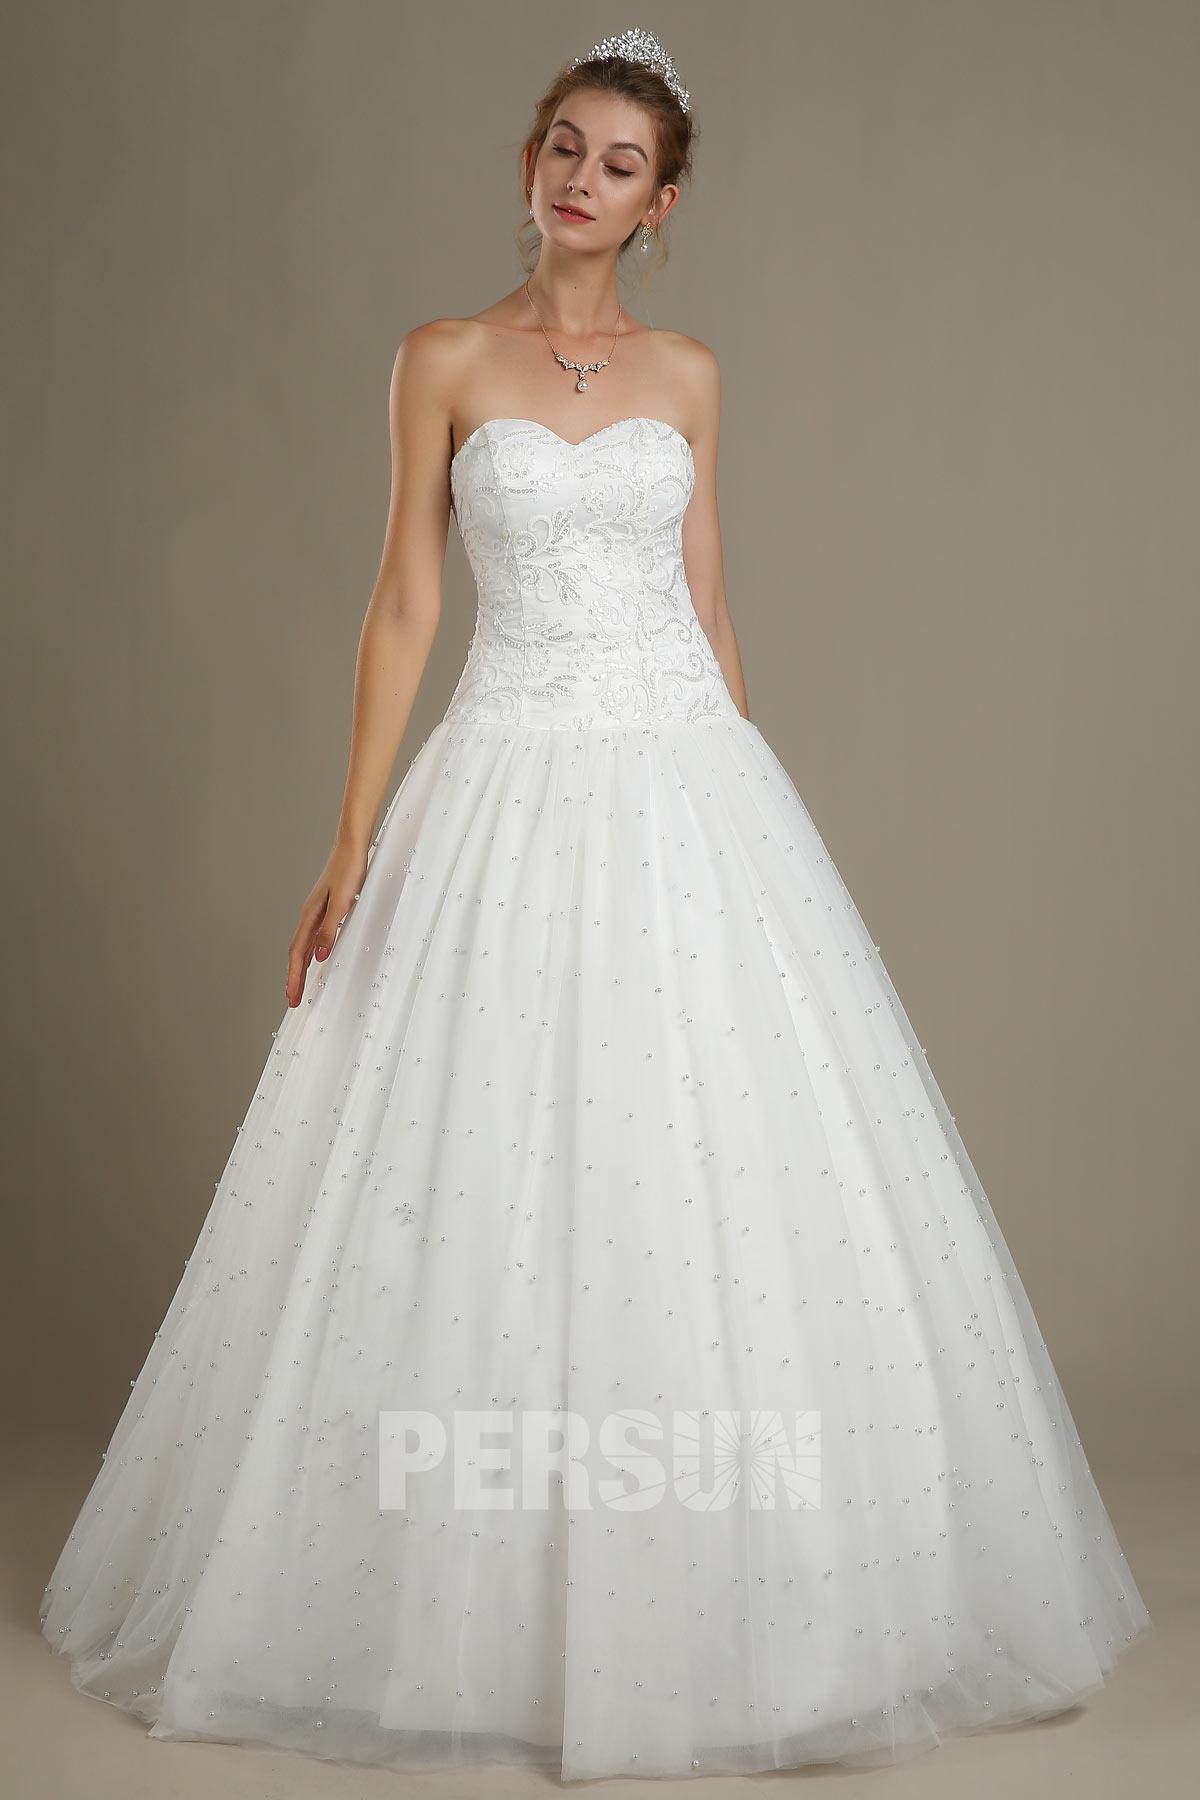 classique robe mariée princesse bustier coeur appliqué de dentelle à jupe perlée